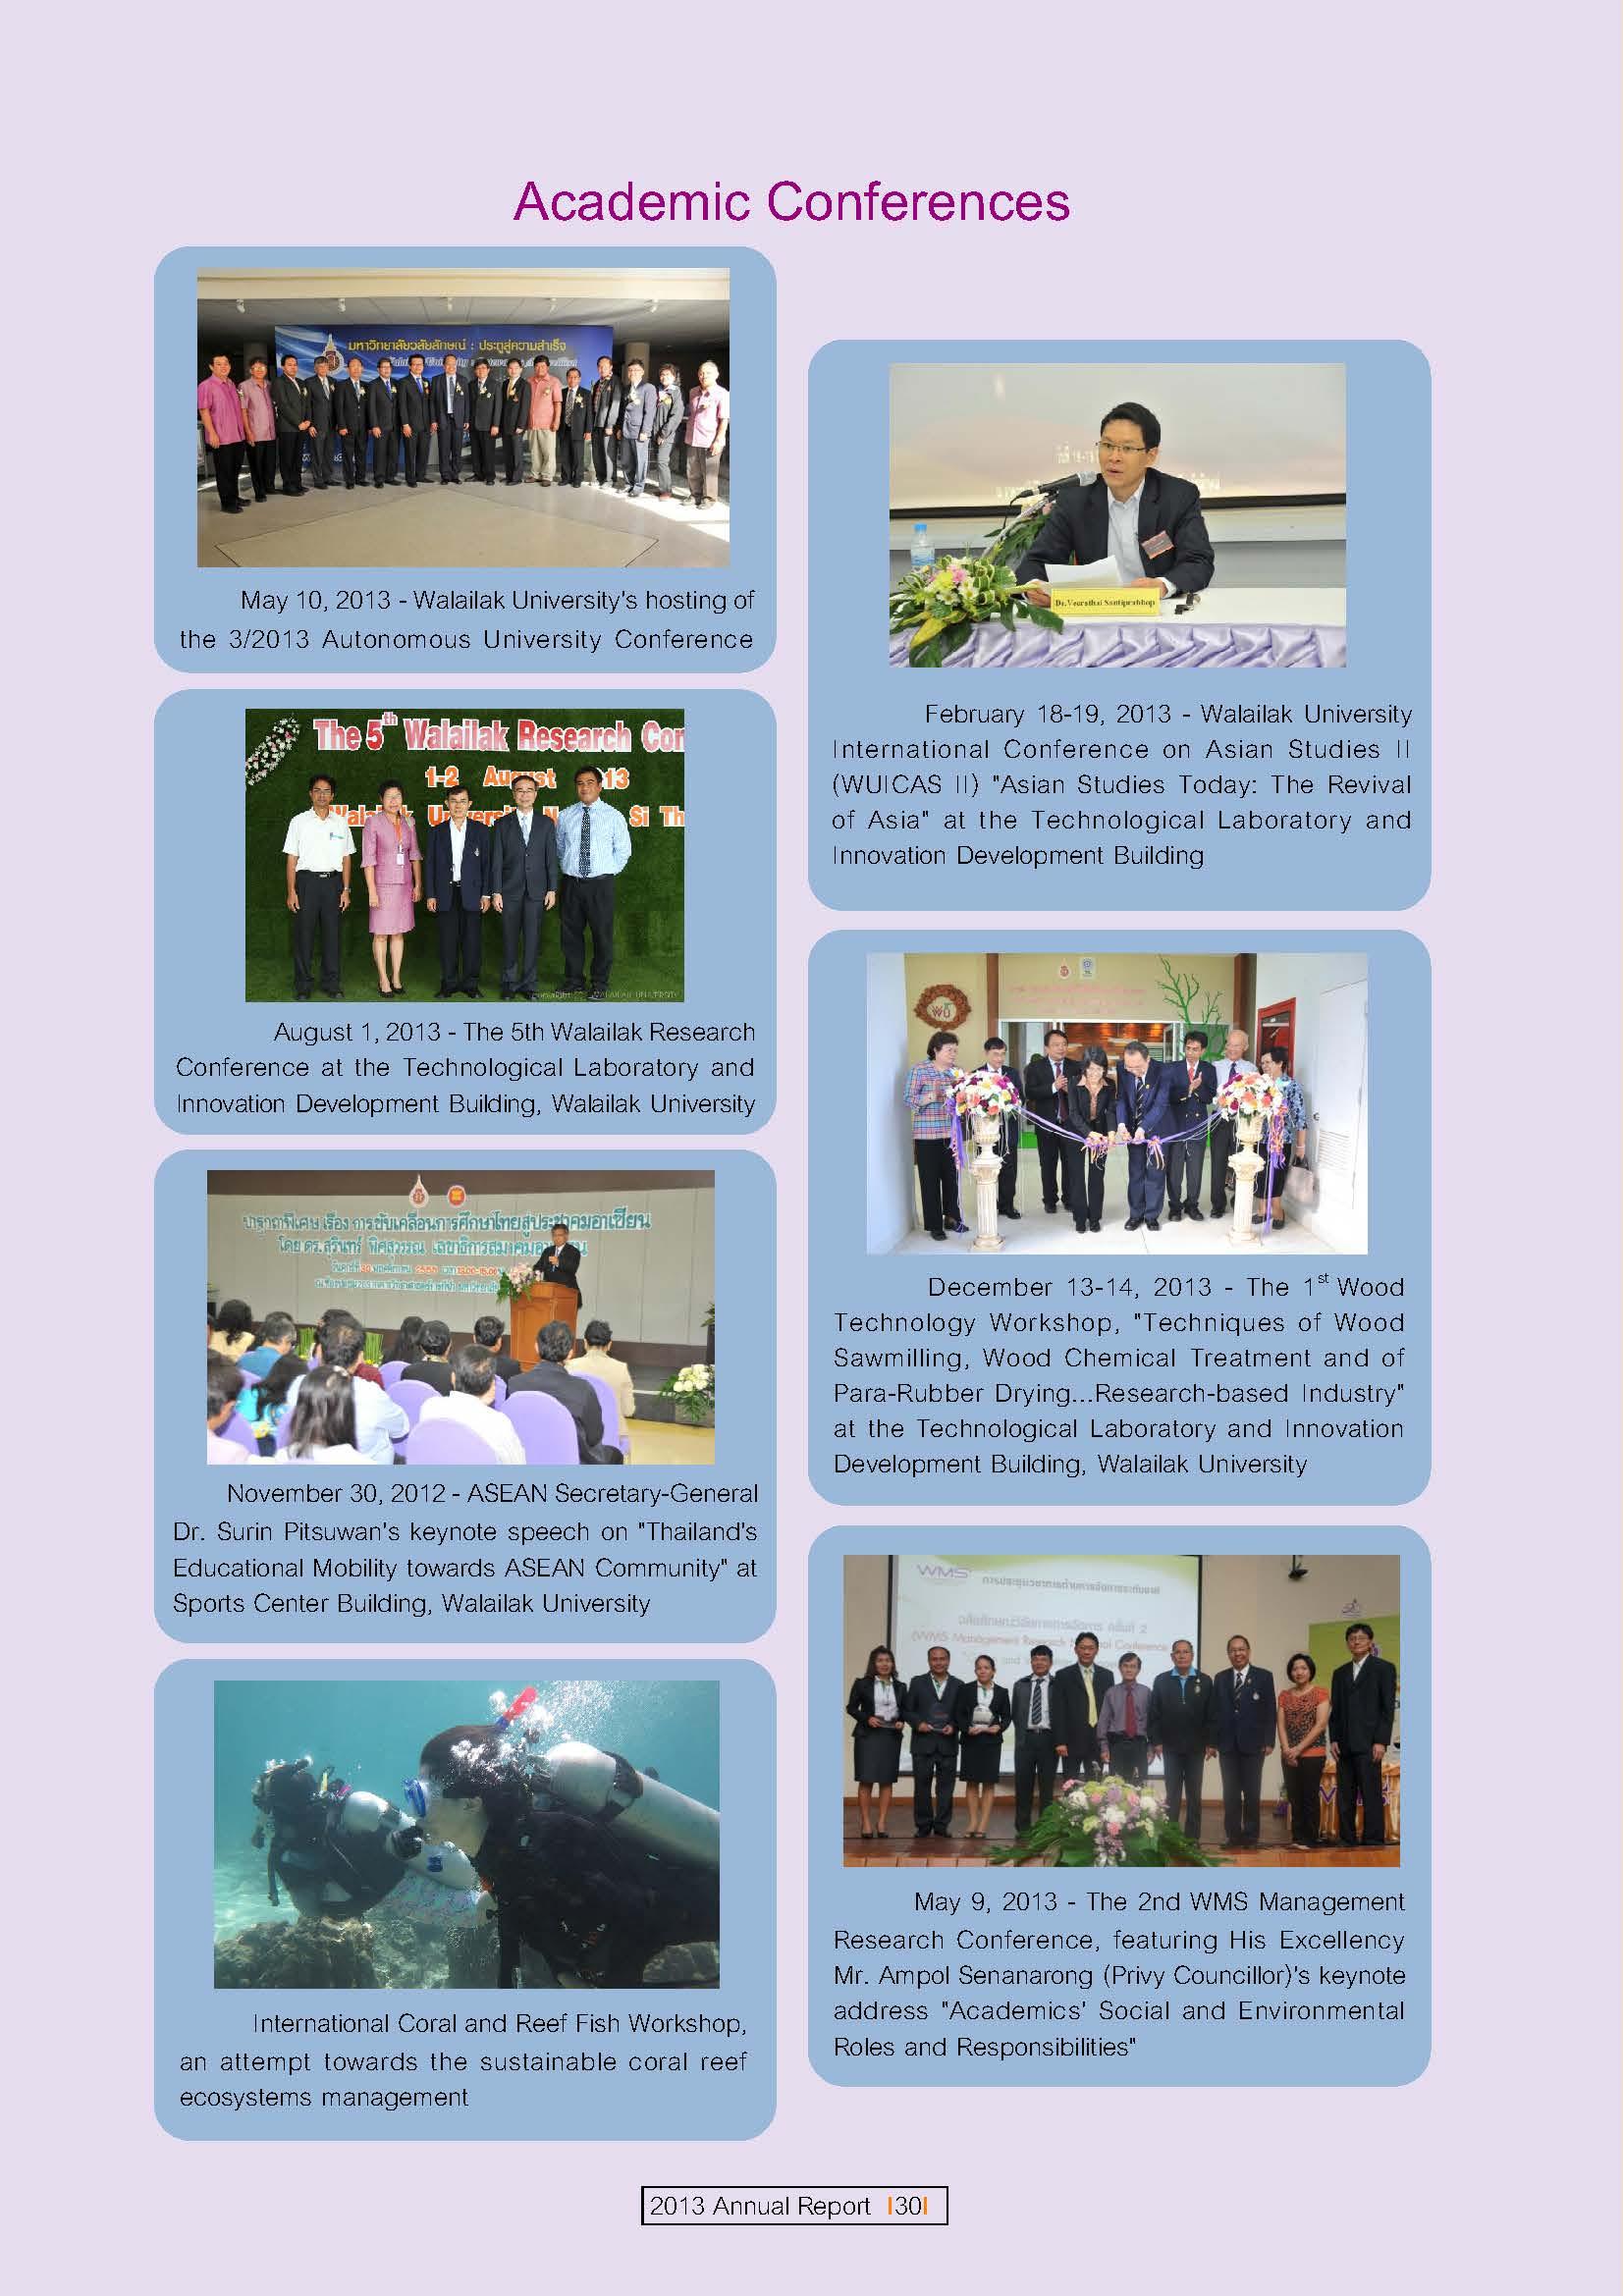 รายงานประจำปี2013ภาษาอังกฤษ_Page_30